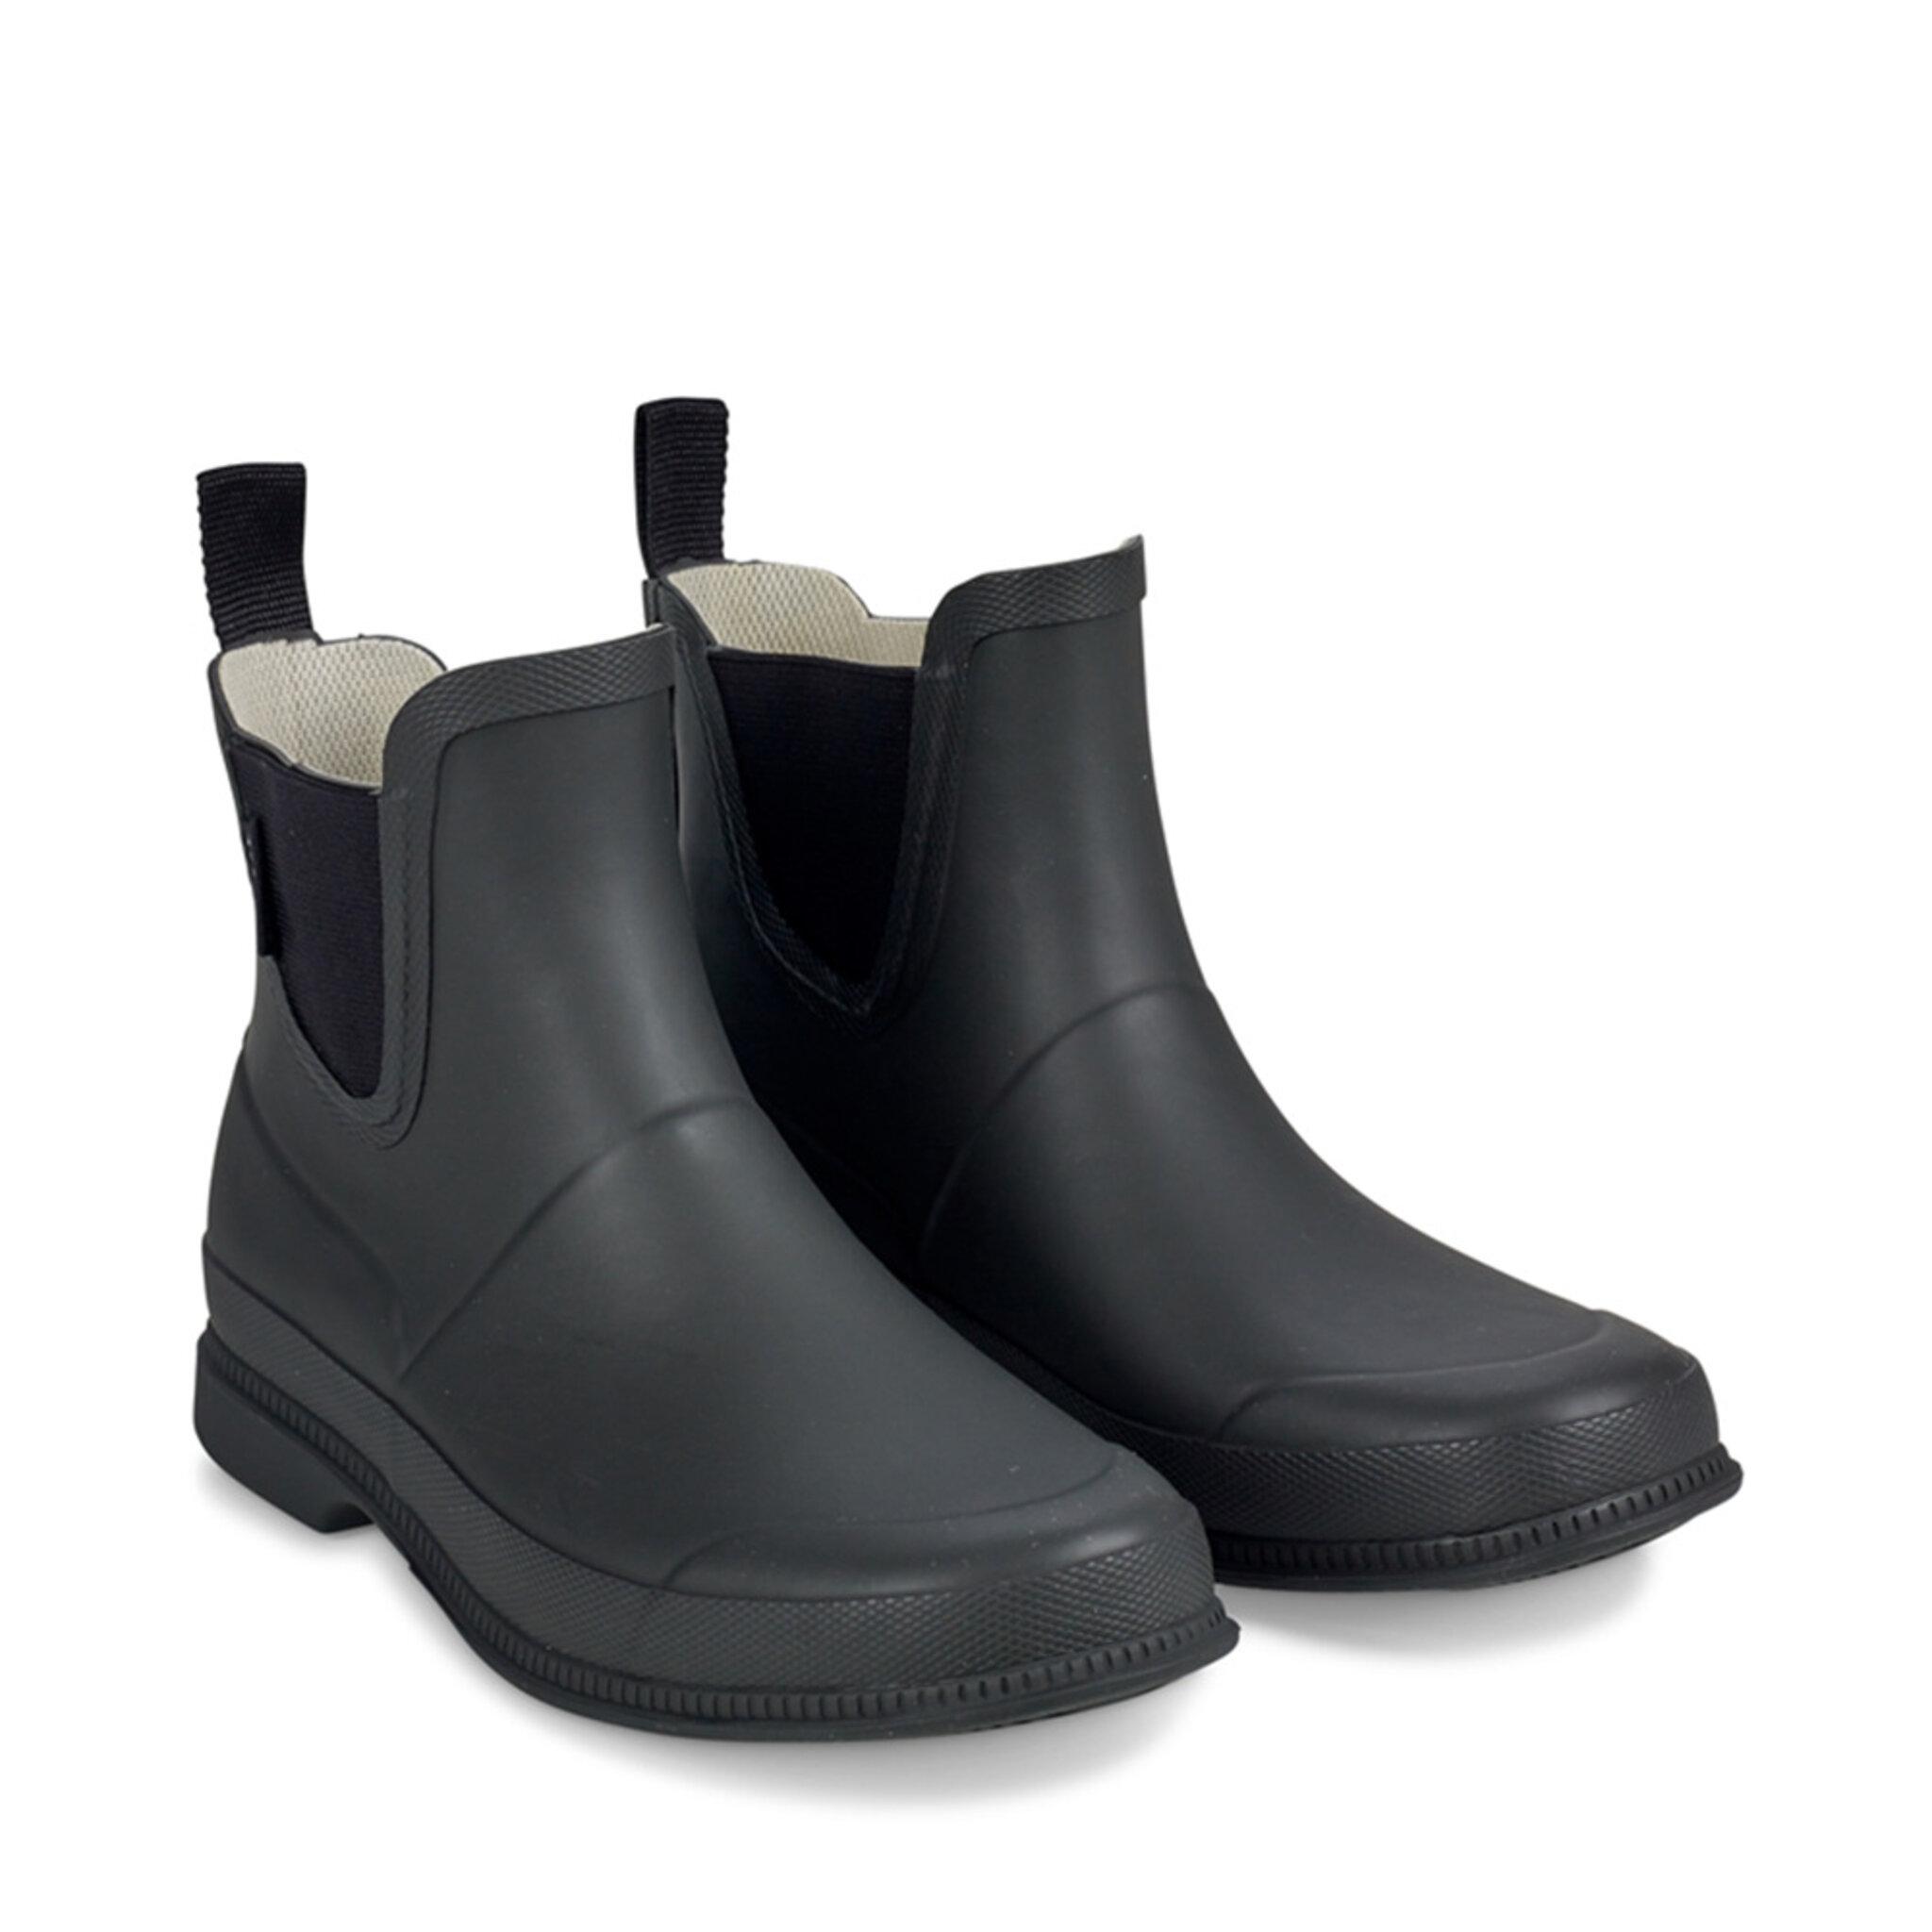 Eva låg - Stövlar   boots - Köp online på åhlens.se! 3fa42b996b880